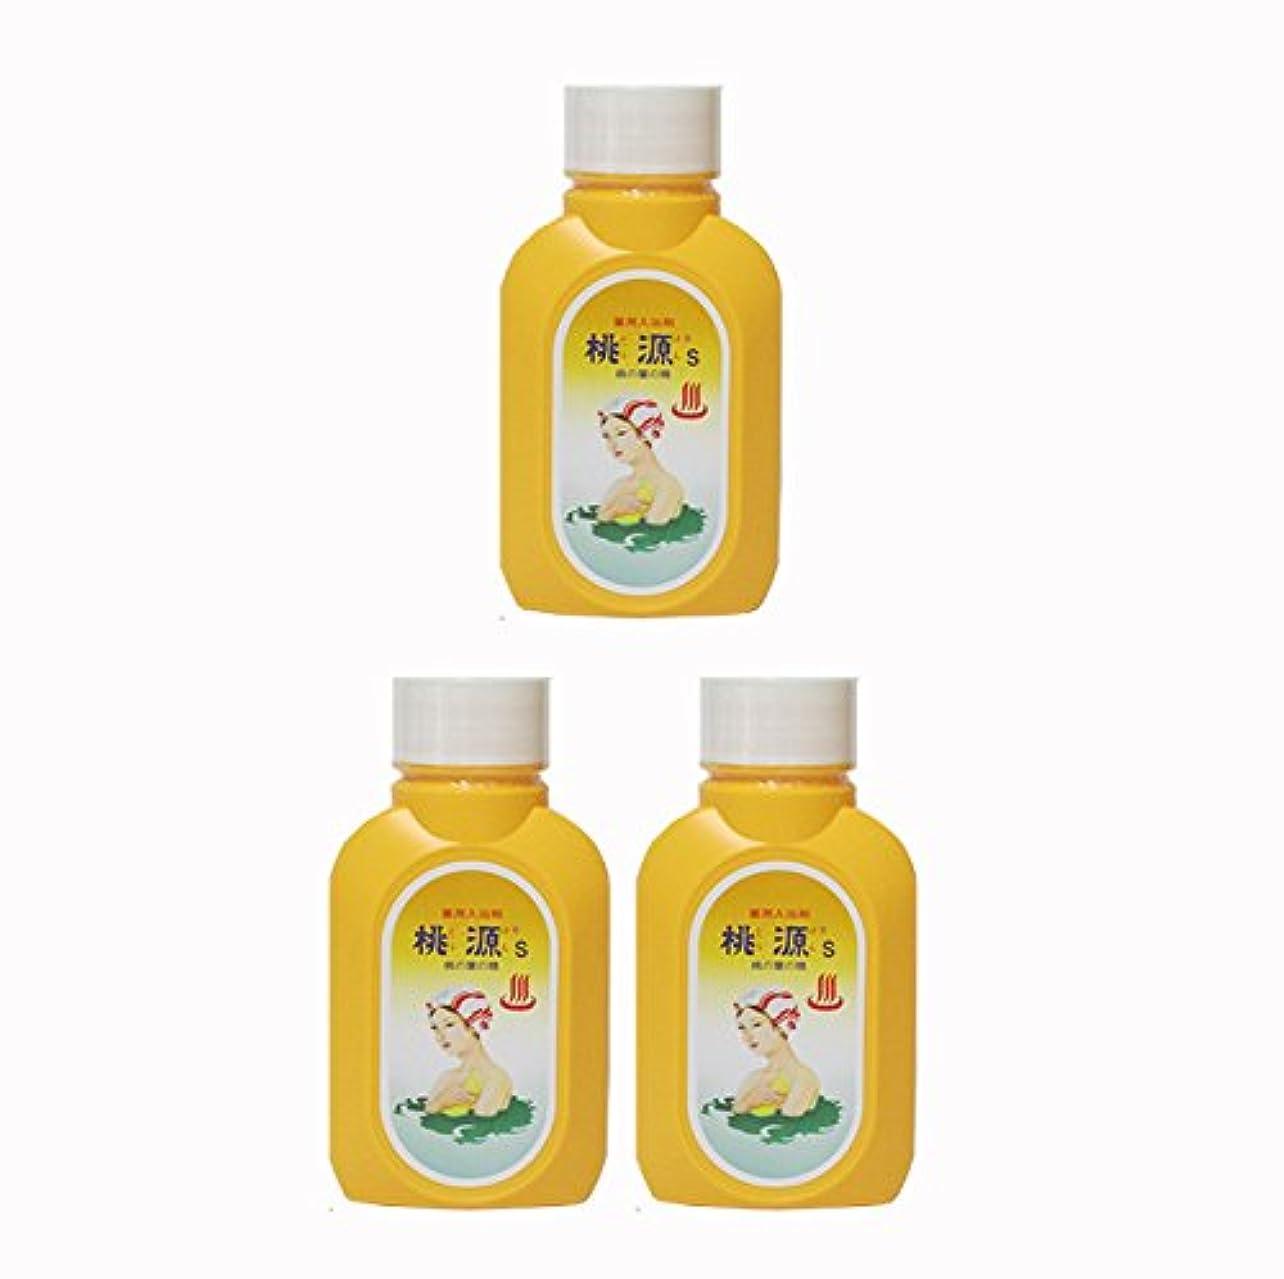 レンドバリケードサバント桃源S 桃の葉の精 700g (オレンジ) 3個 (とうげんs)